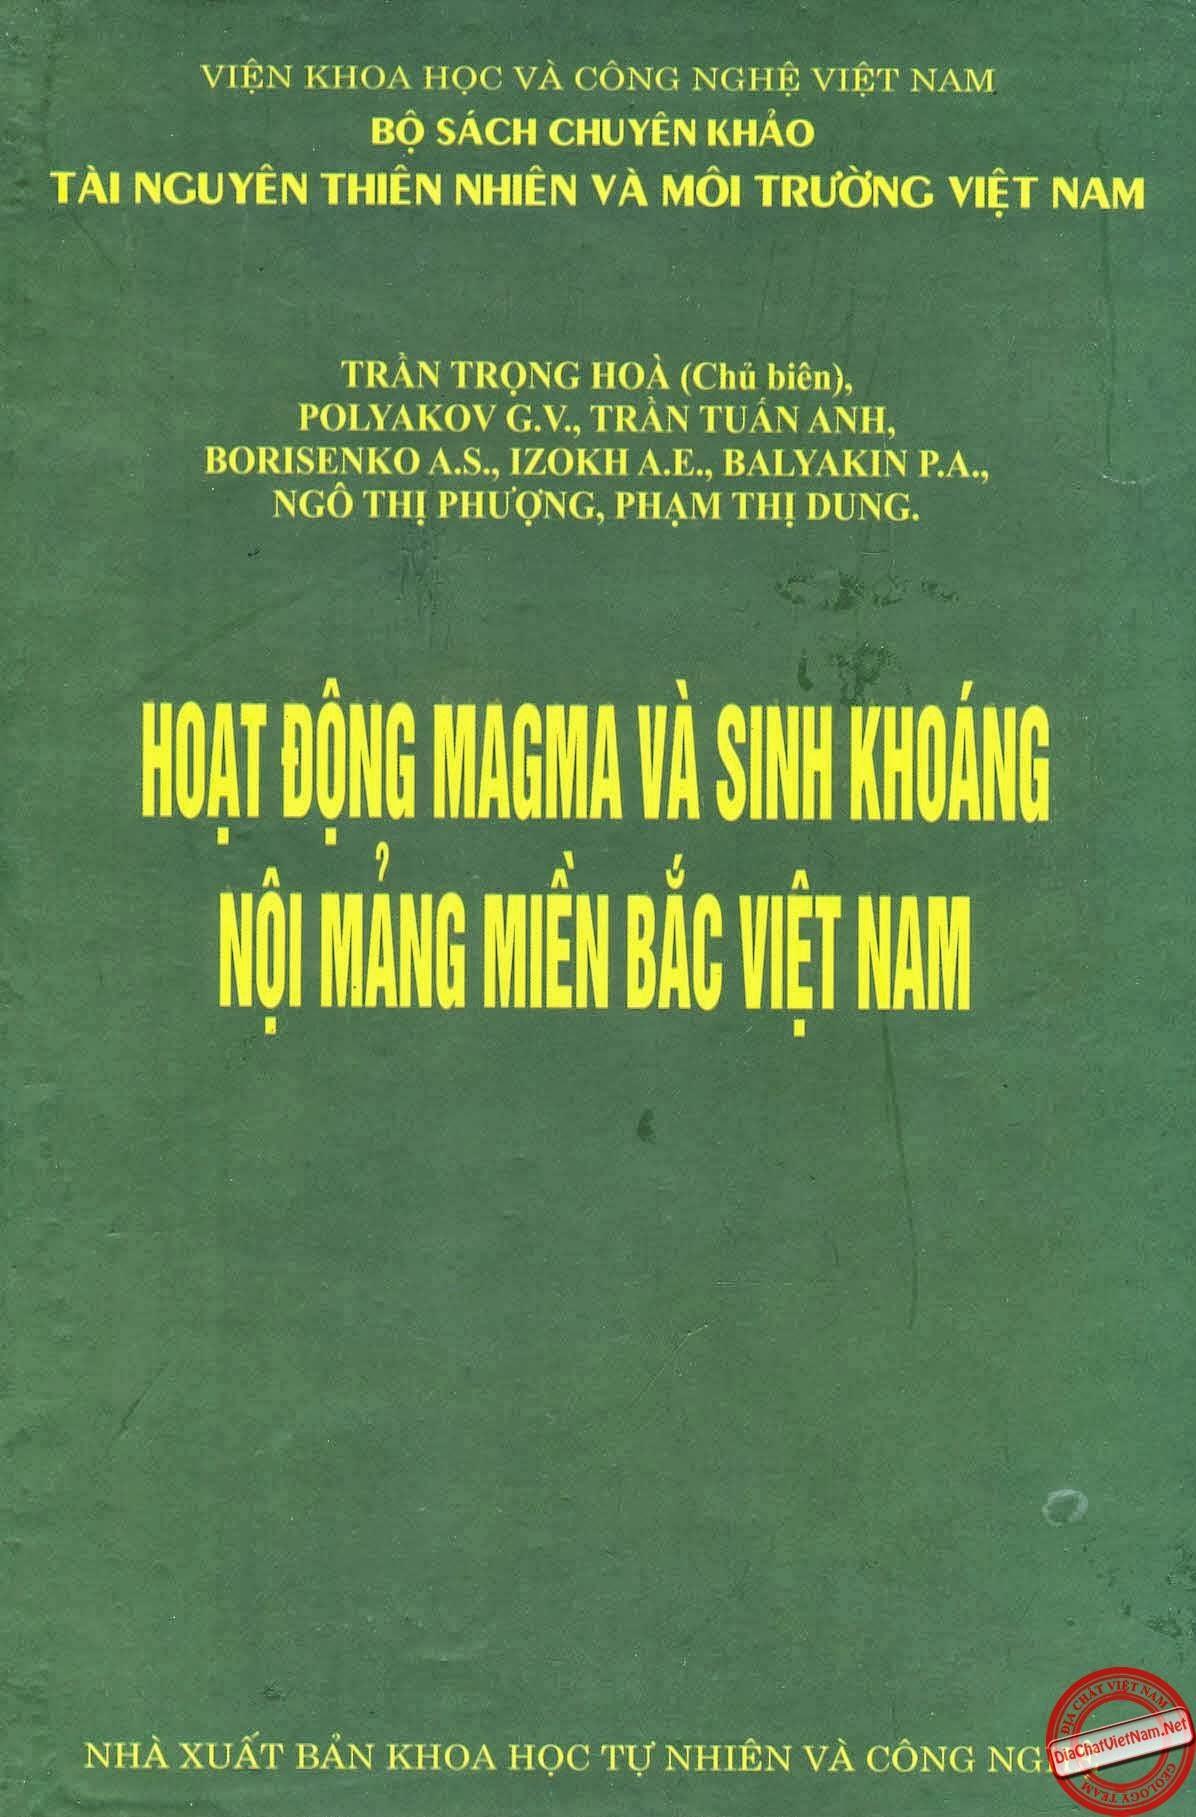 Hoạt động Magma và sinh khoáng nội mảng miền bắc Việt Nam